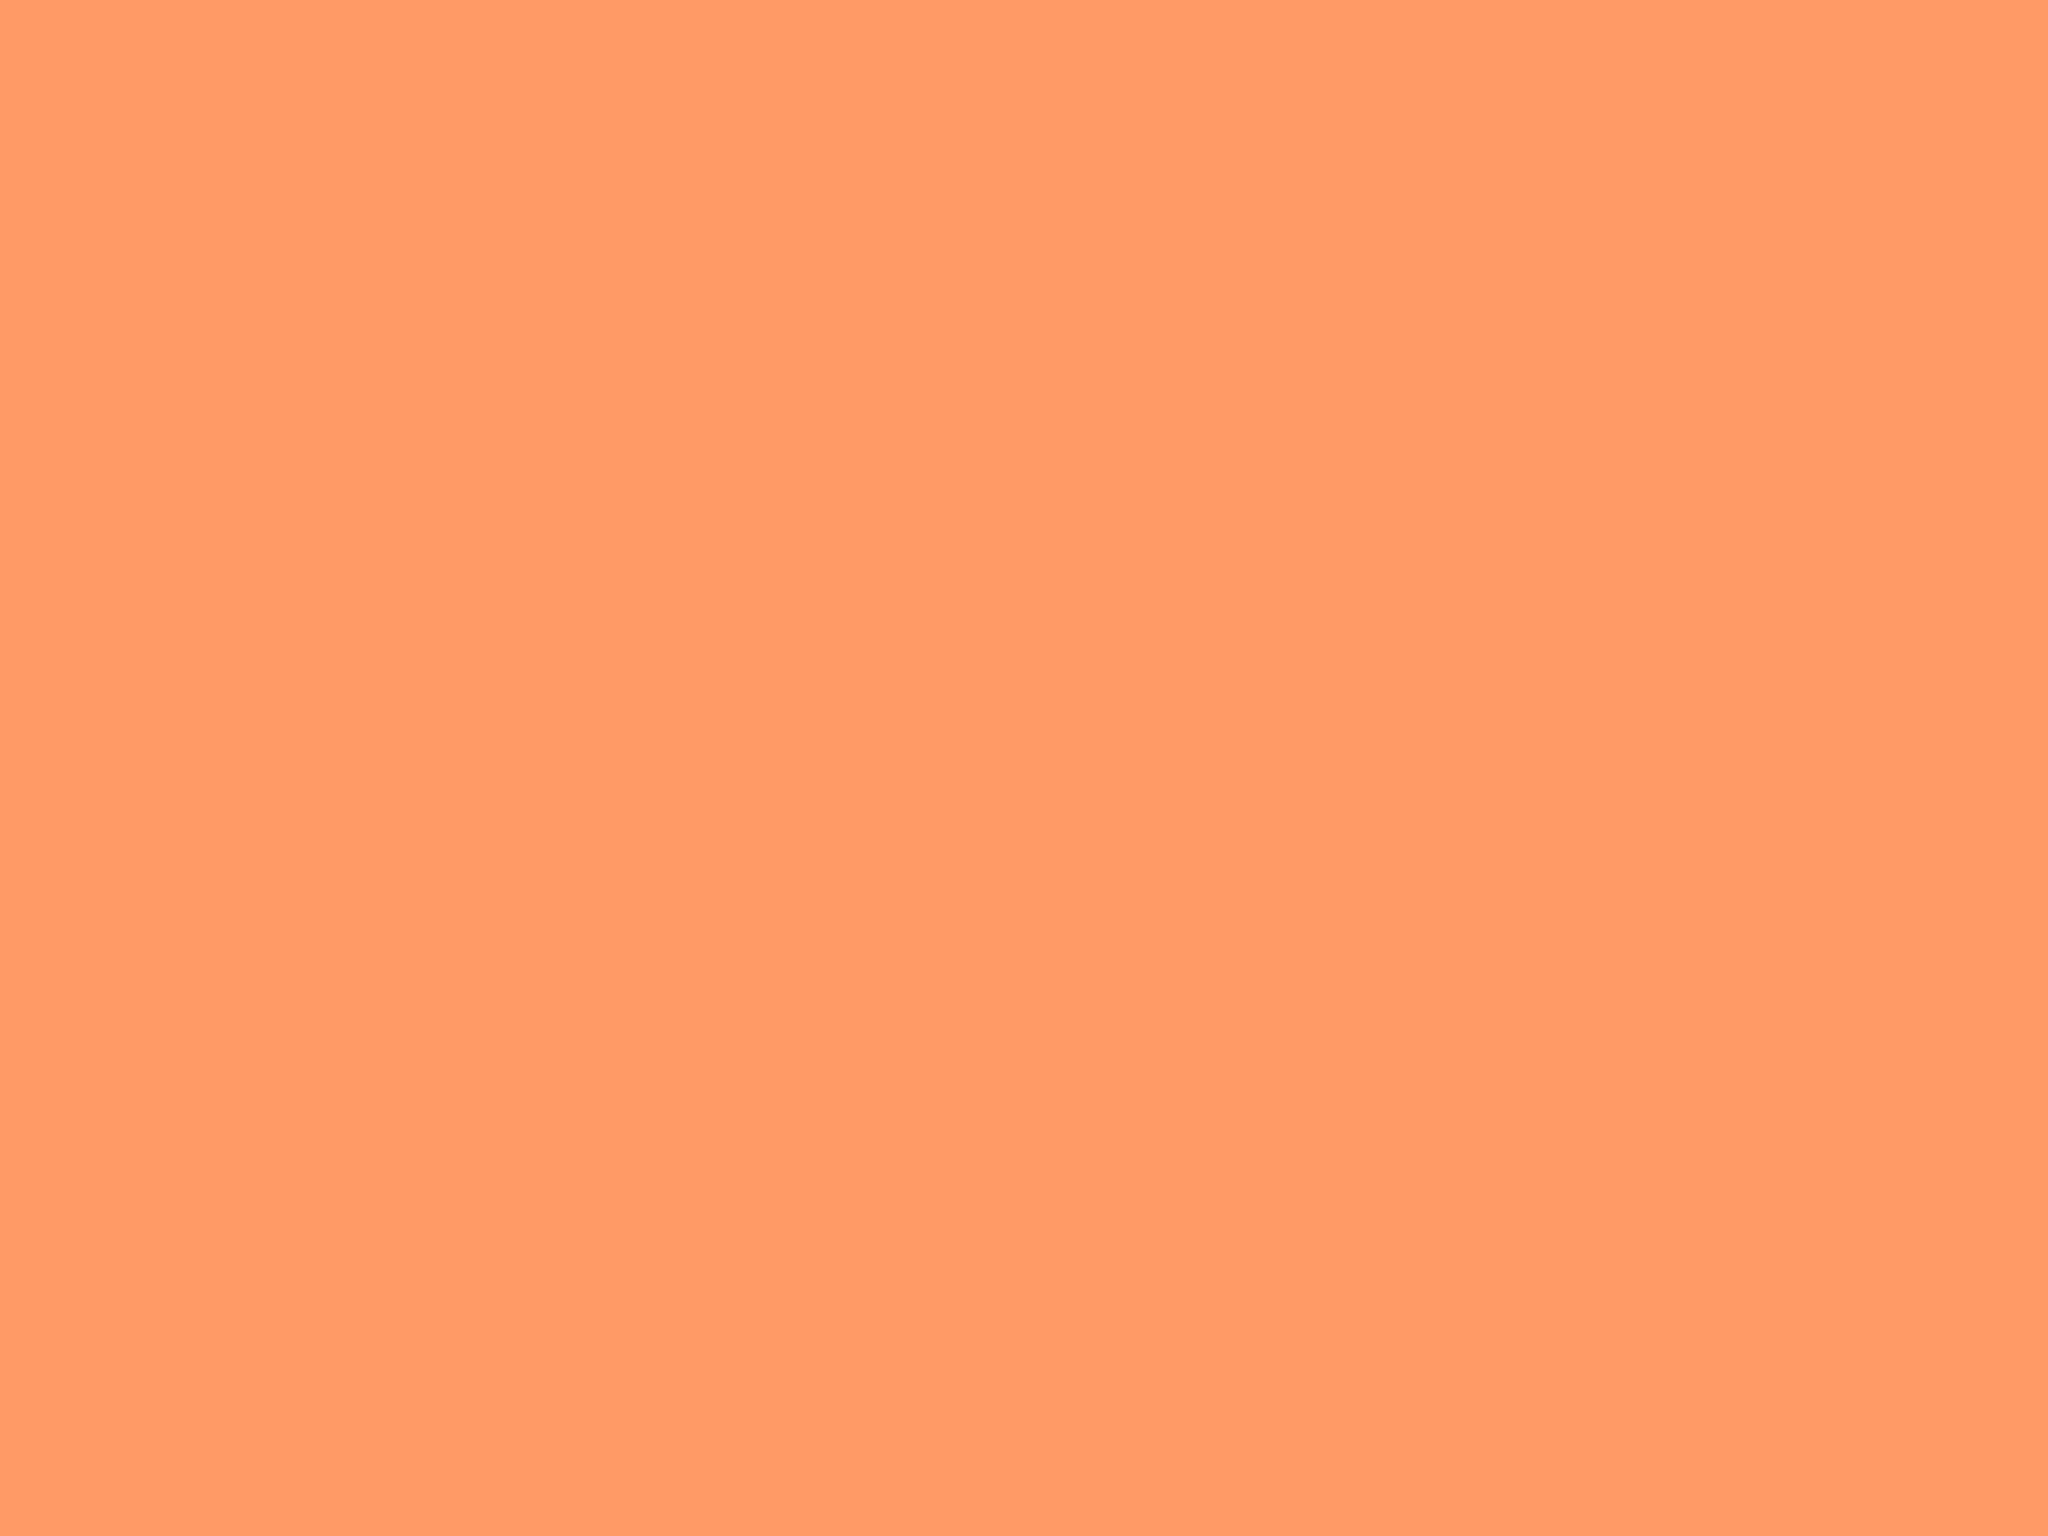 2048x1536 Pink-orange Solid Color Background